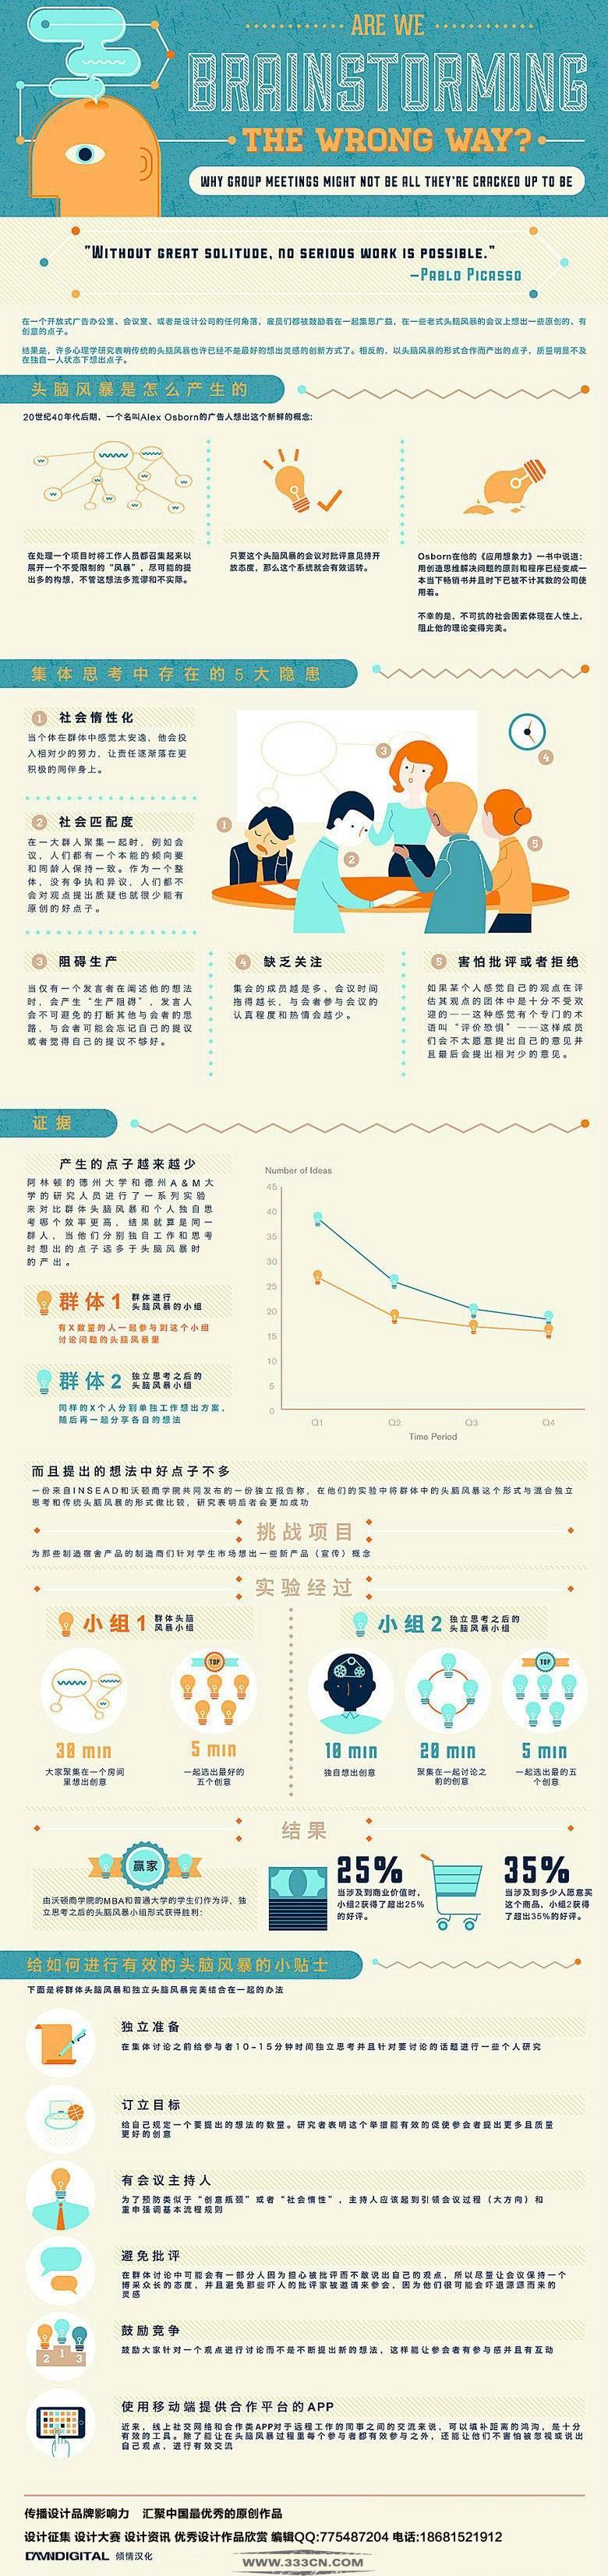 设计项目 头脑风暴 创意 Infographic 心理学研究